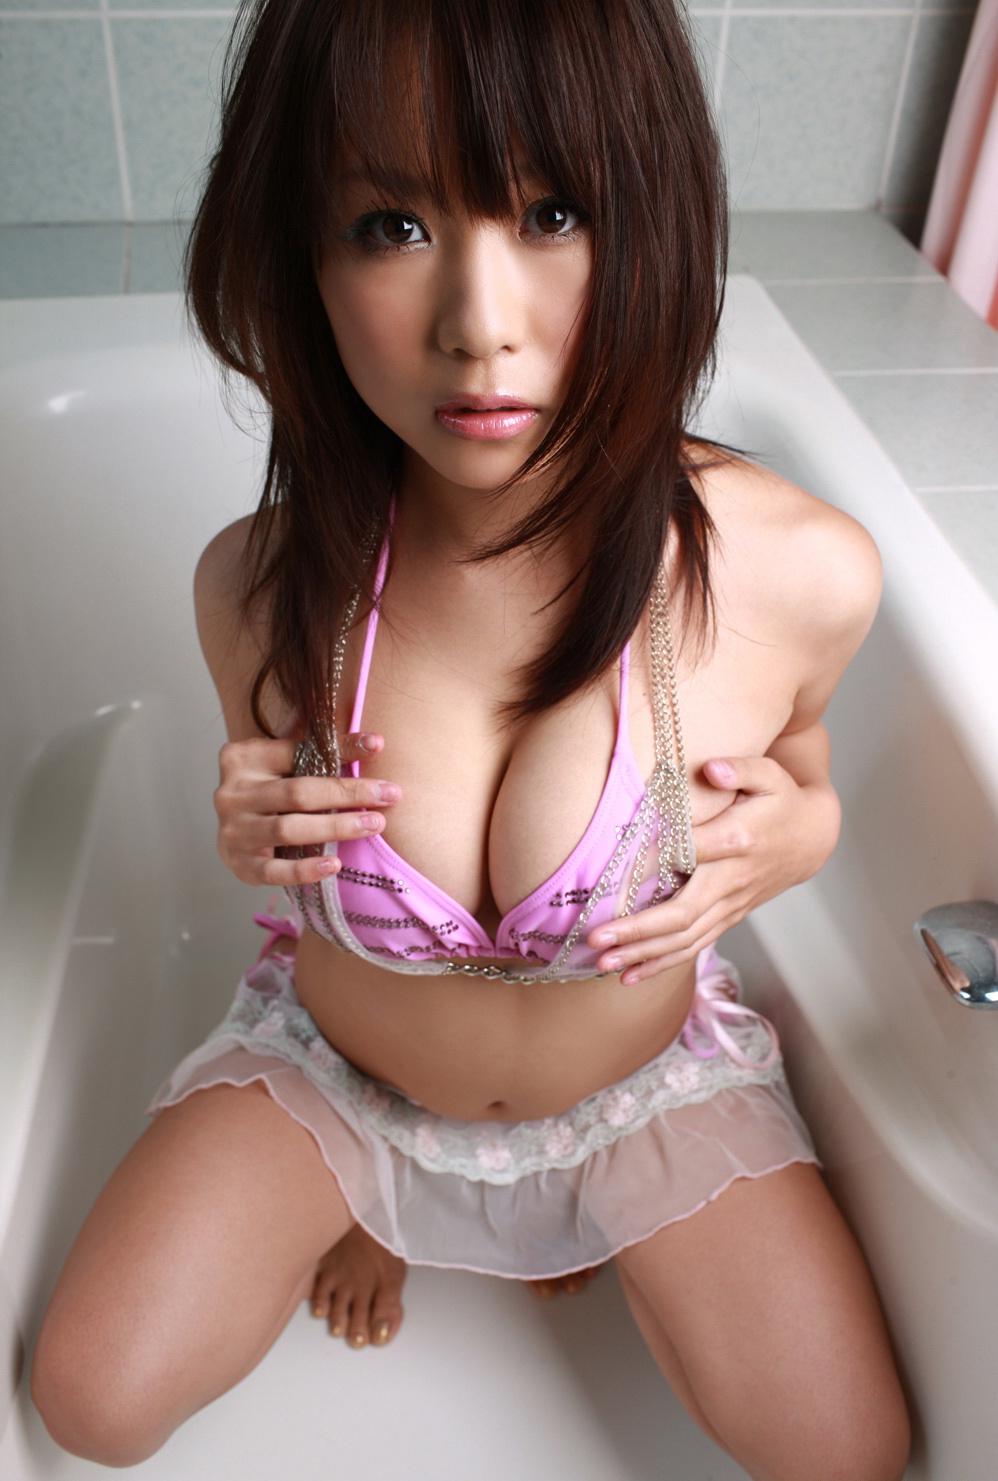 西田麻衣 セクシー おっぱいの谷間 巨乳 乳寄せ 上目遣い エロかわいい画像1